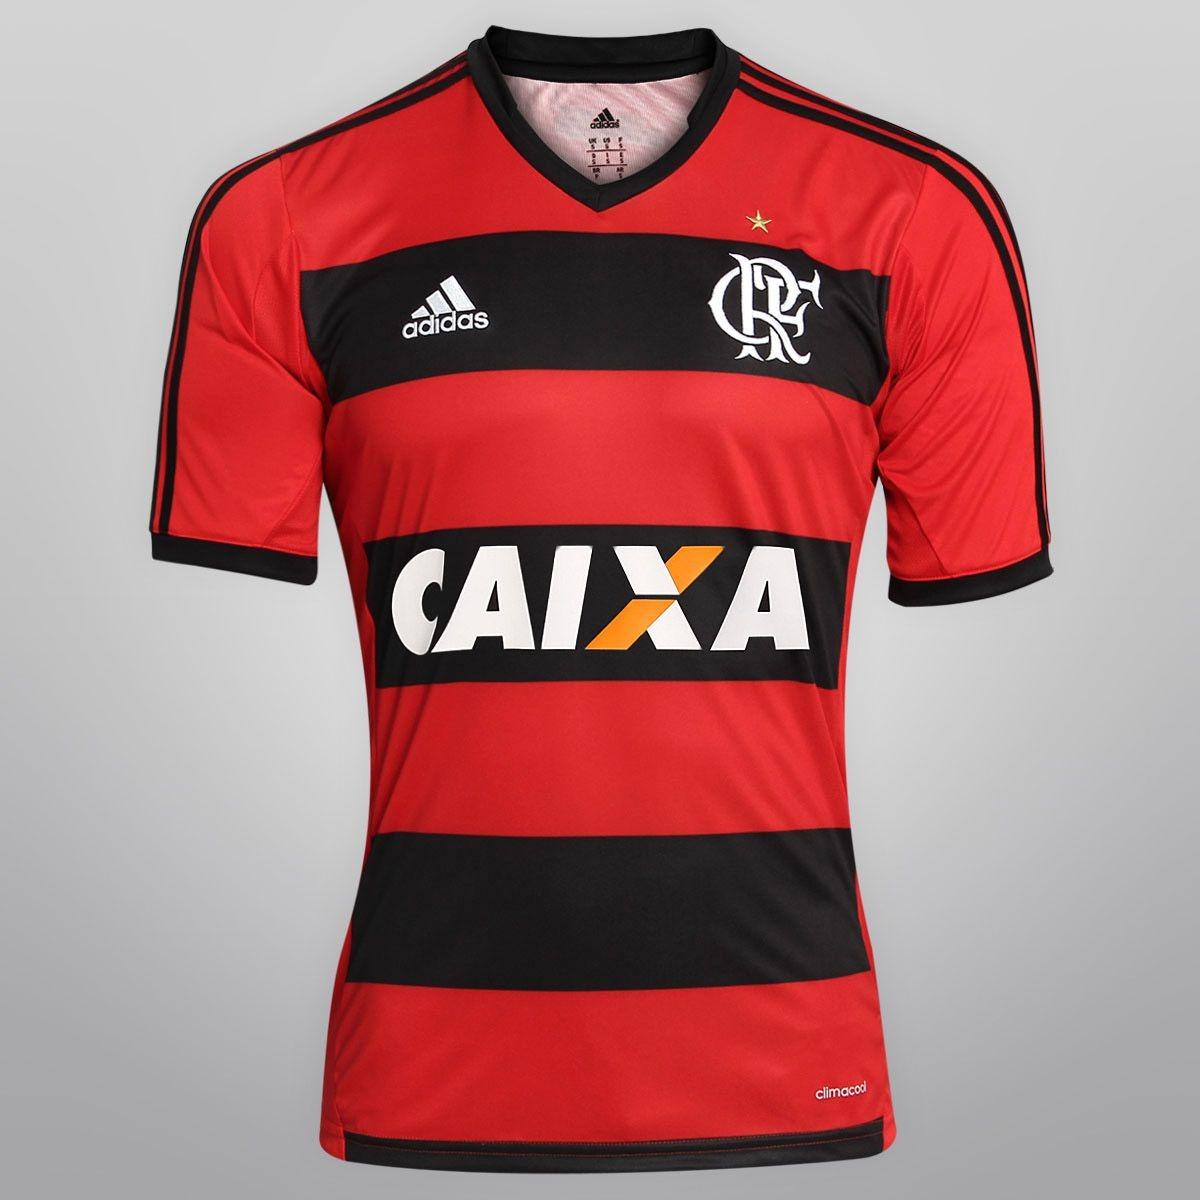 e6baea1408 Camisa adidas Flamengo 13 14 S nº Orig Oficial De 249